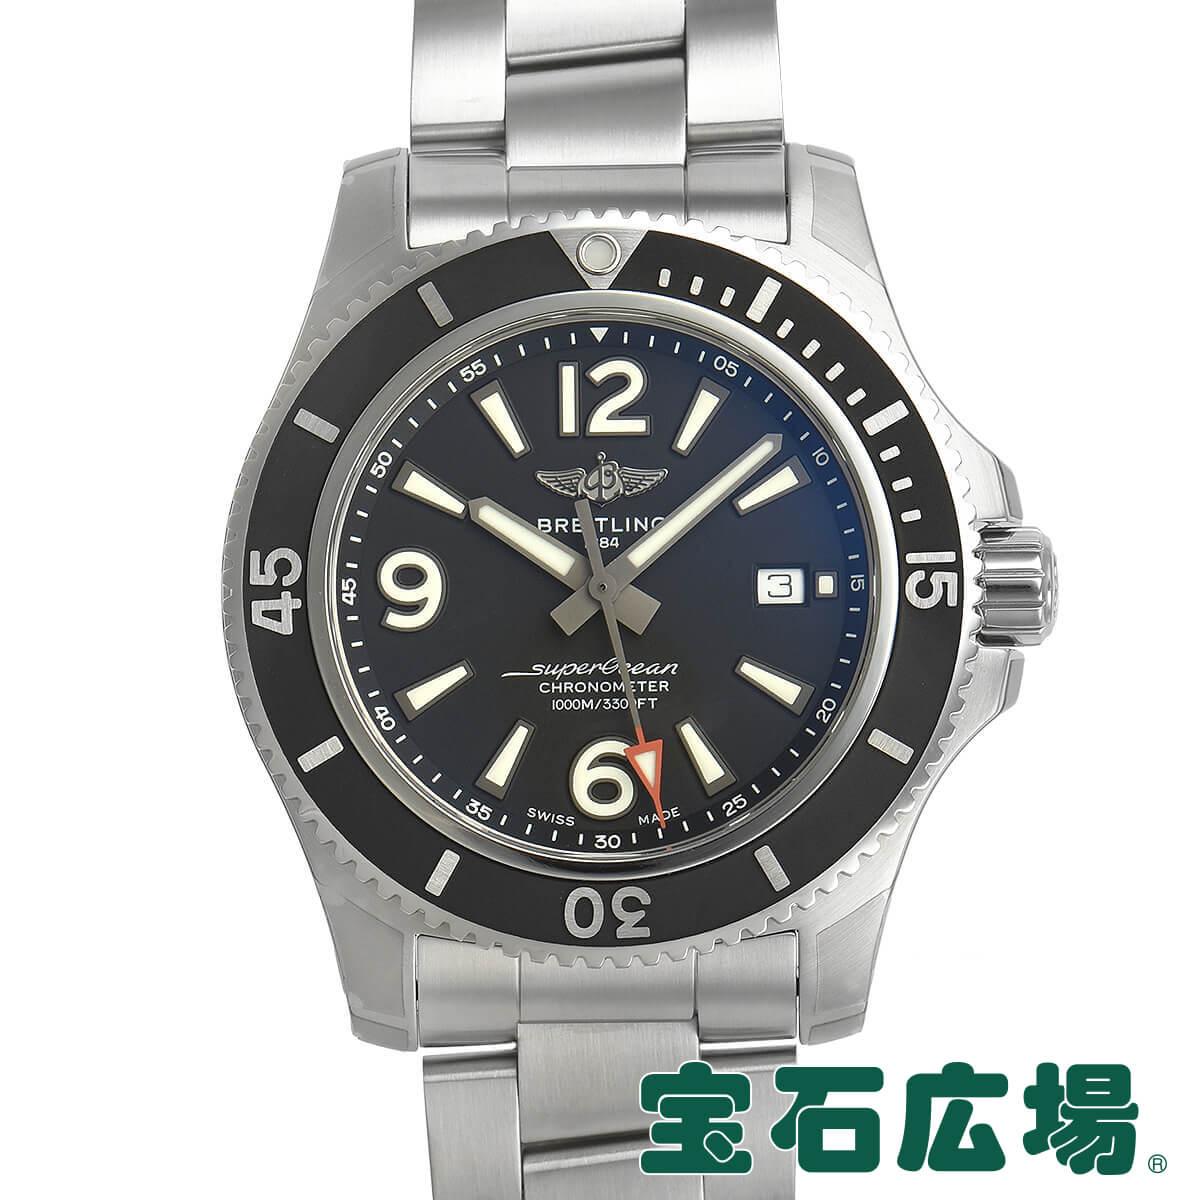 ブライトリング BREITLING スーパーオーシャン オートマチック44 A292B-1PSS(A17367D71B1A1)【新品】メンズ 腕時計 送料・代引手数料無料